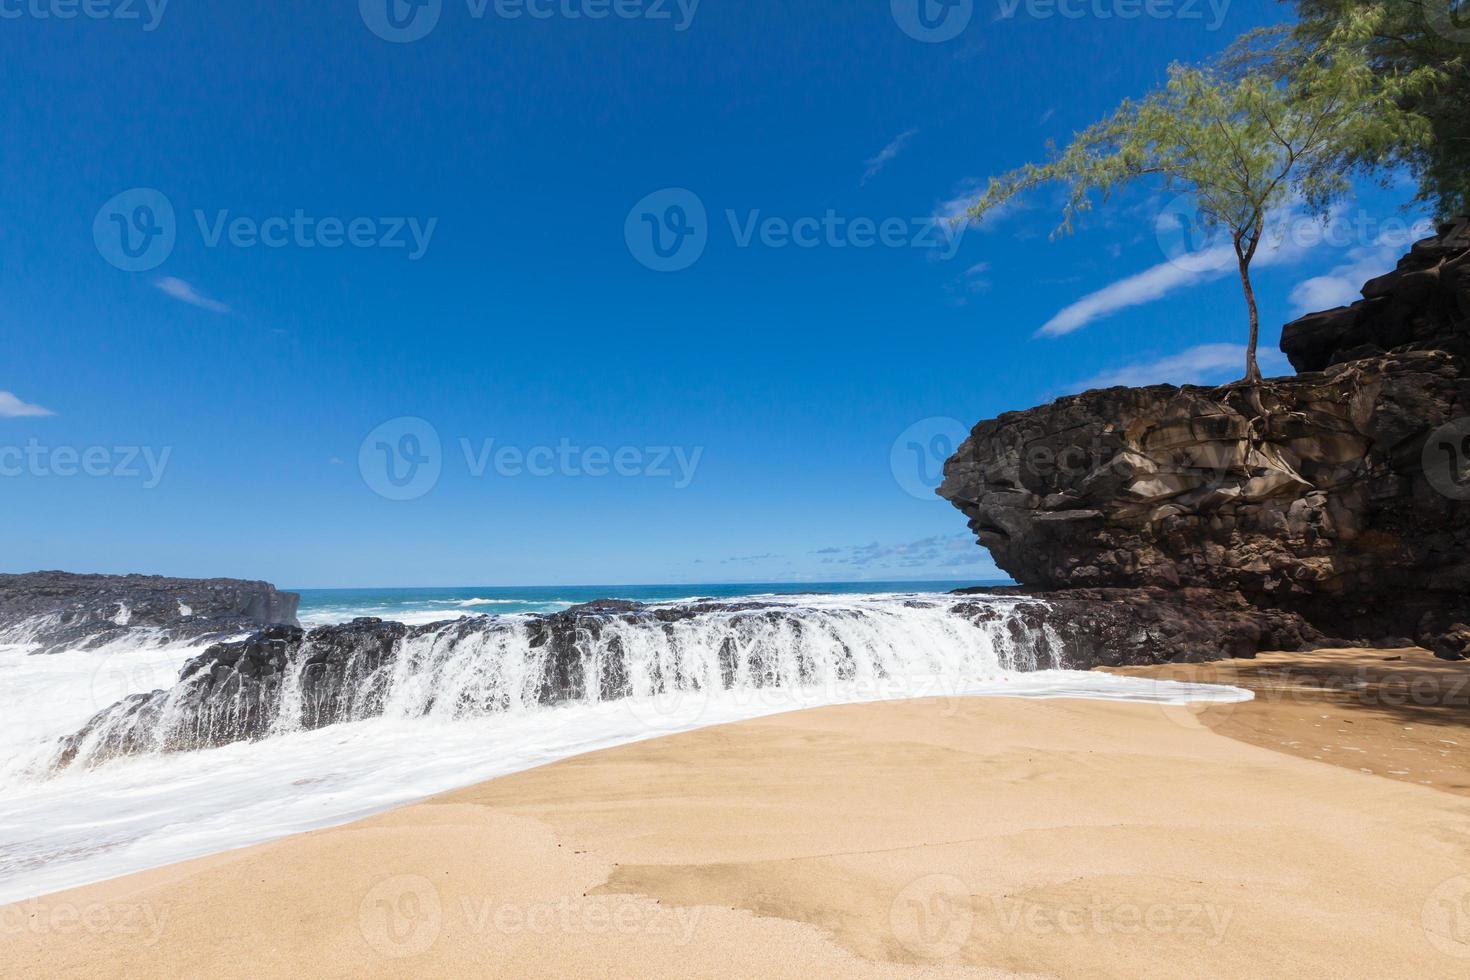 onde che schizzano sulla roccia lavica sulla bellissima spiaggia tropicale di sabbia foto